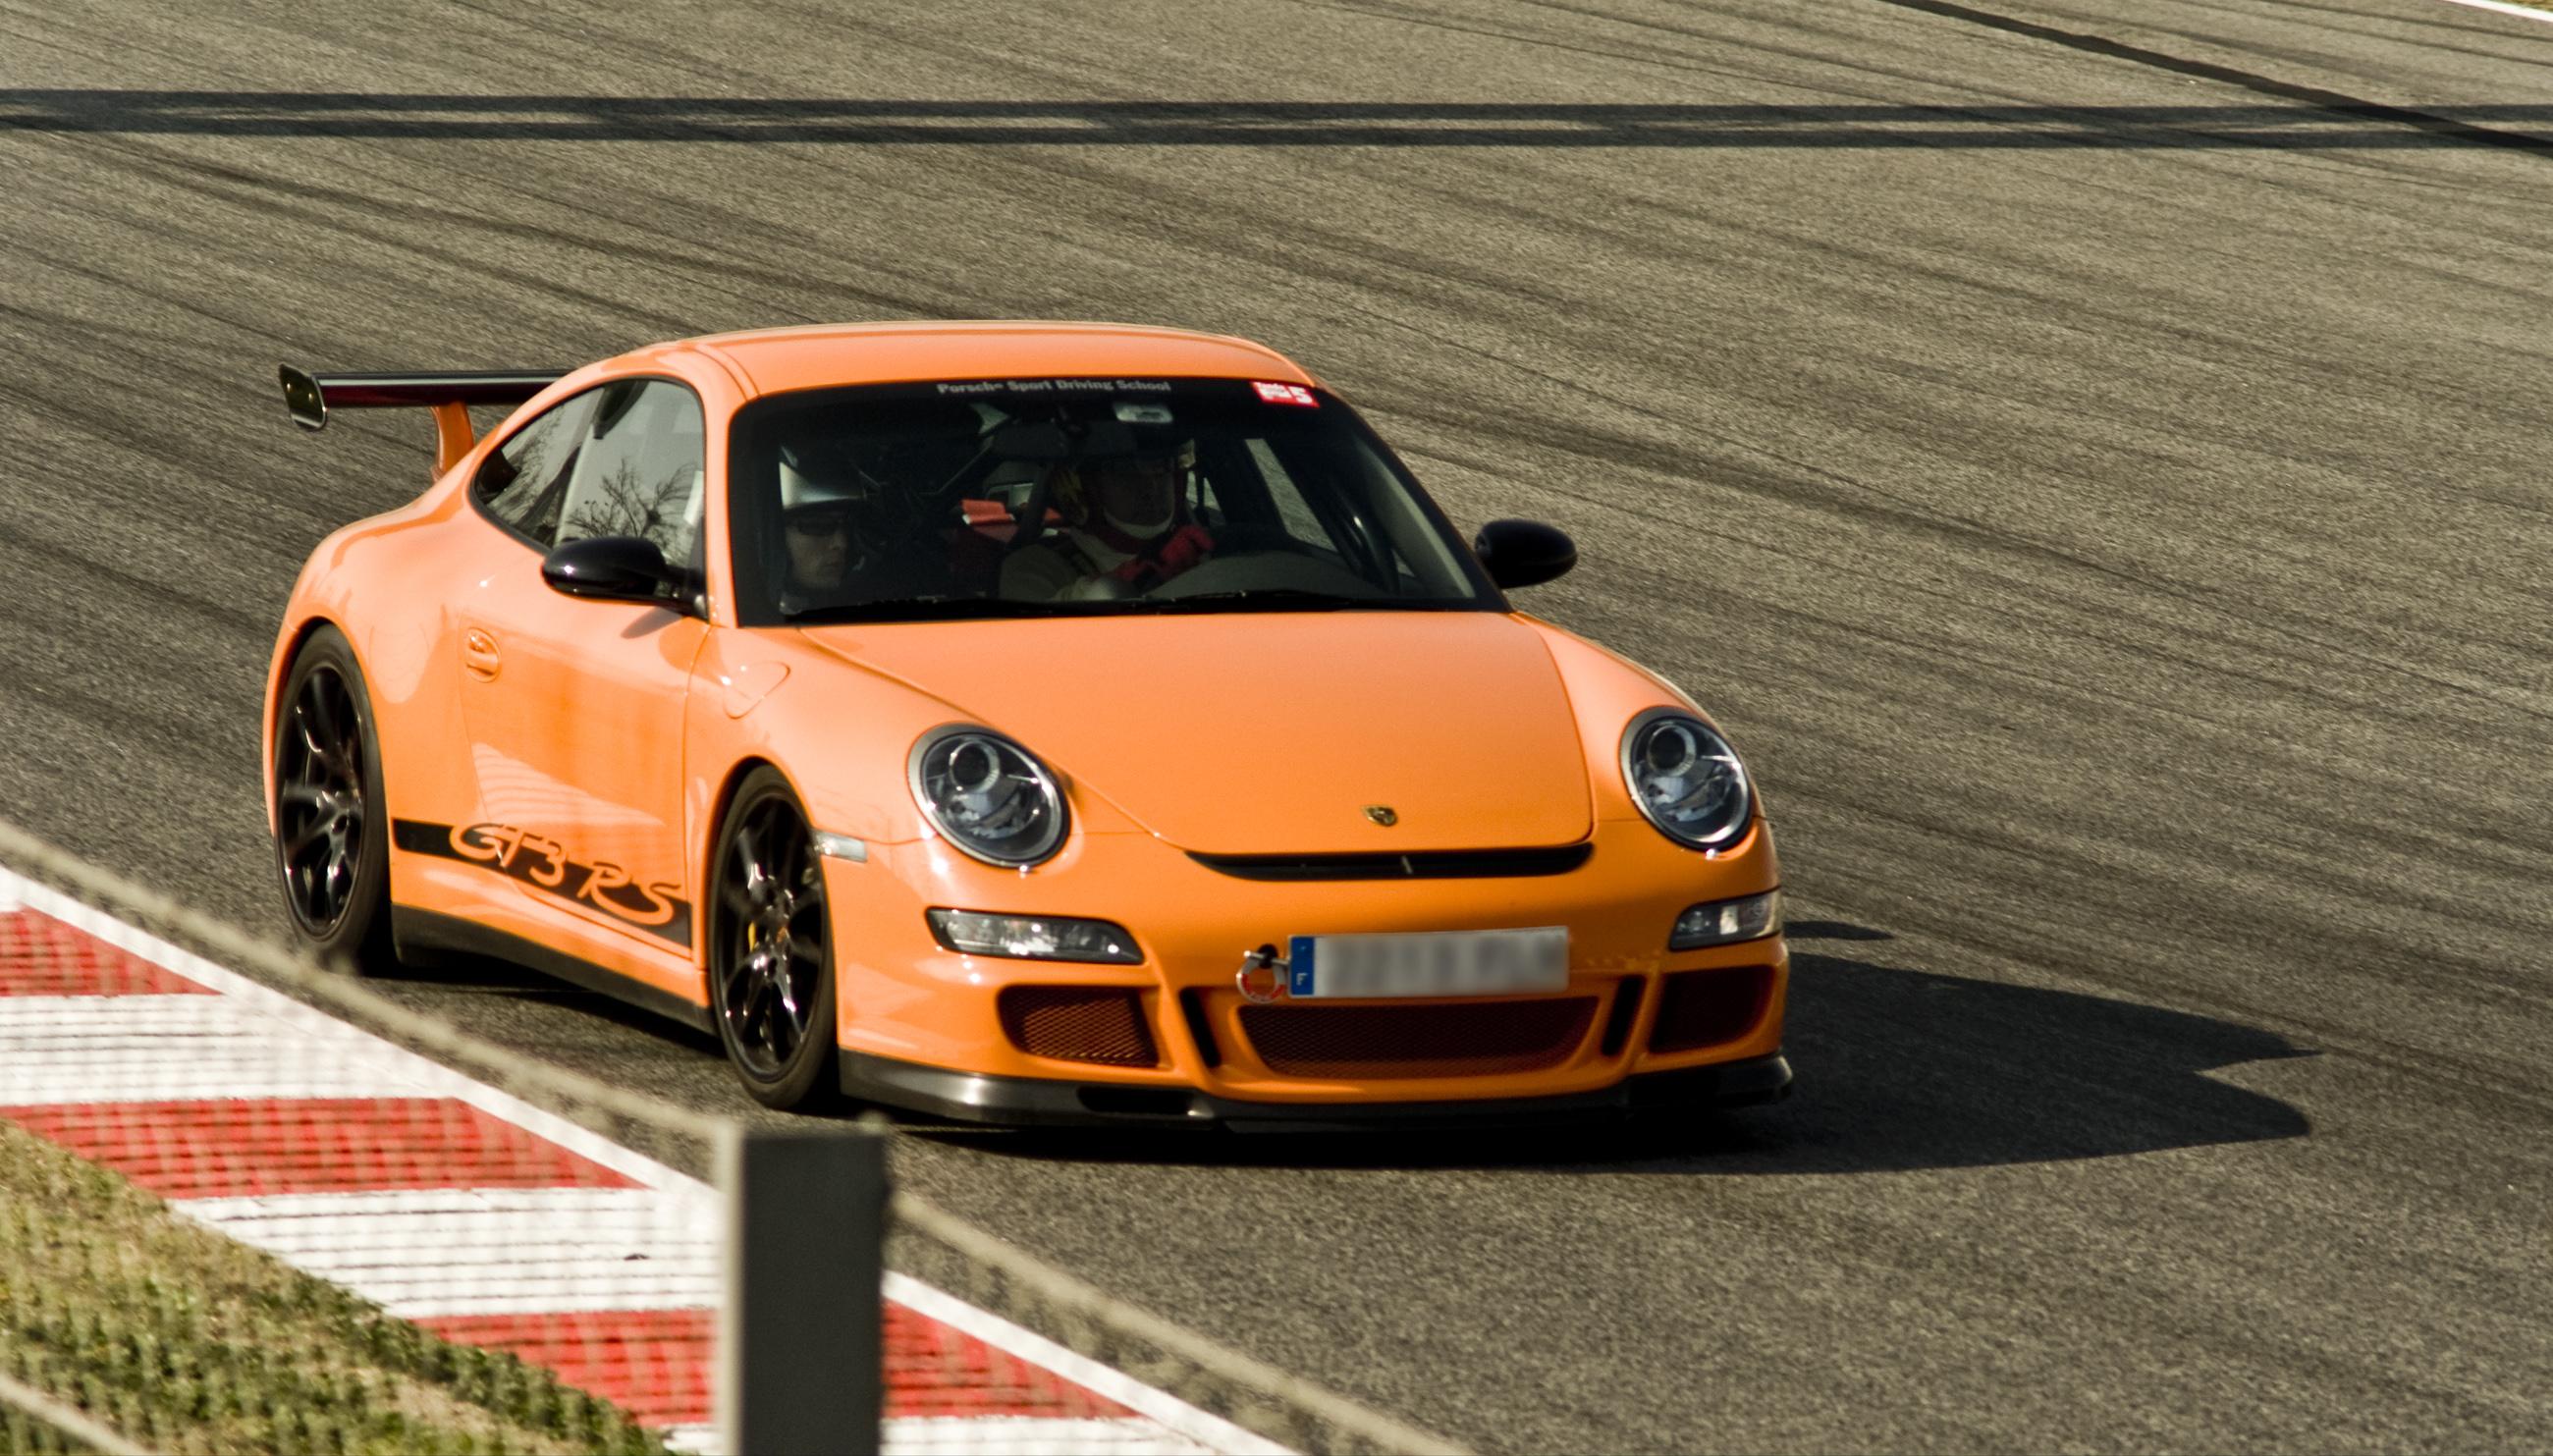 File Porsche 997 Gt3 Rs Orange Black Circuit De